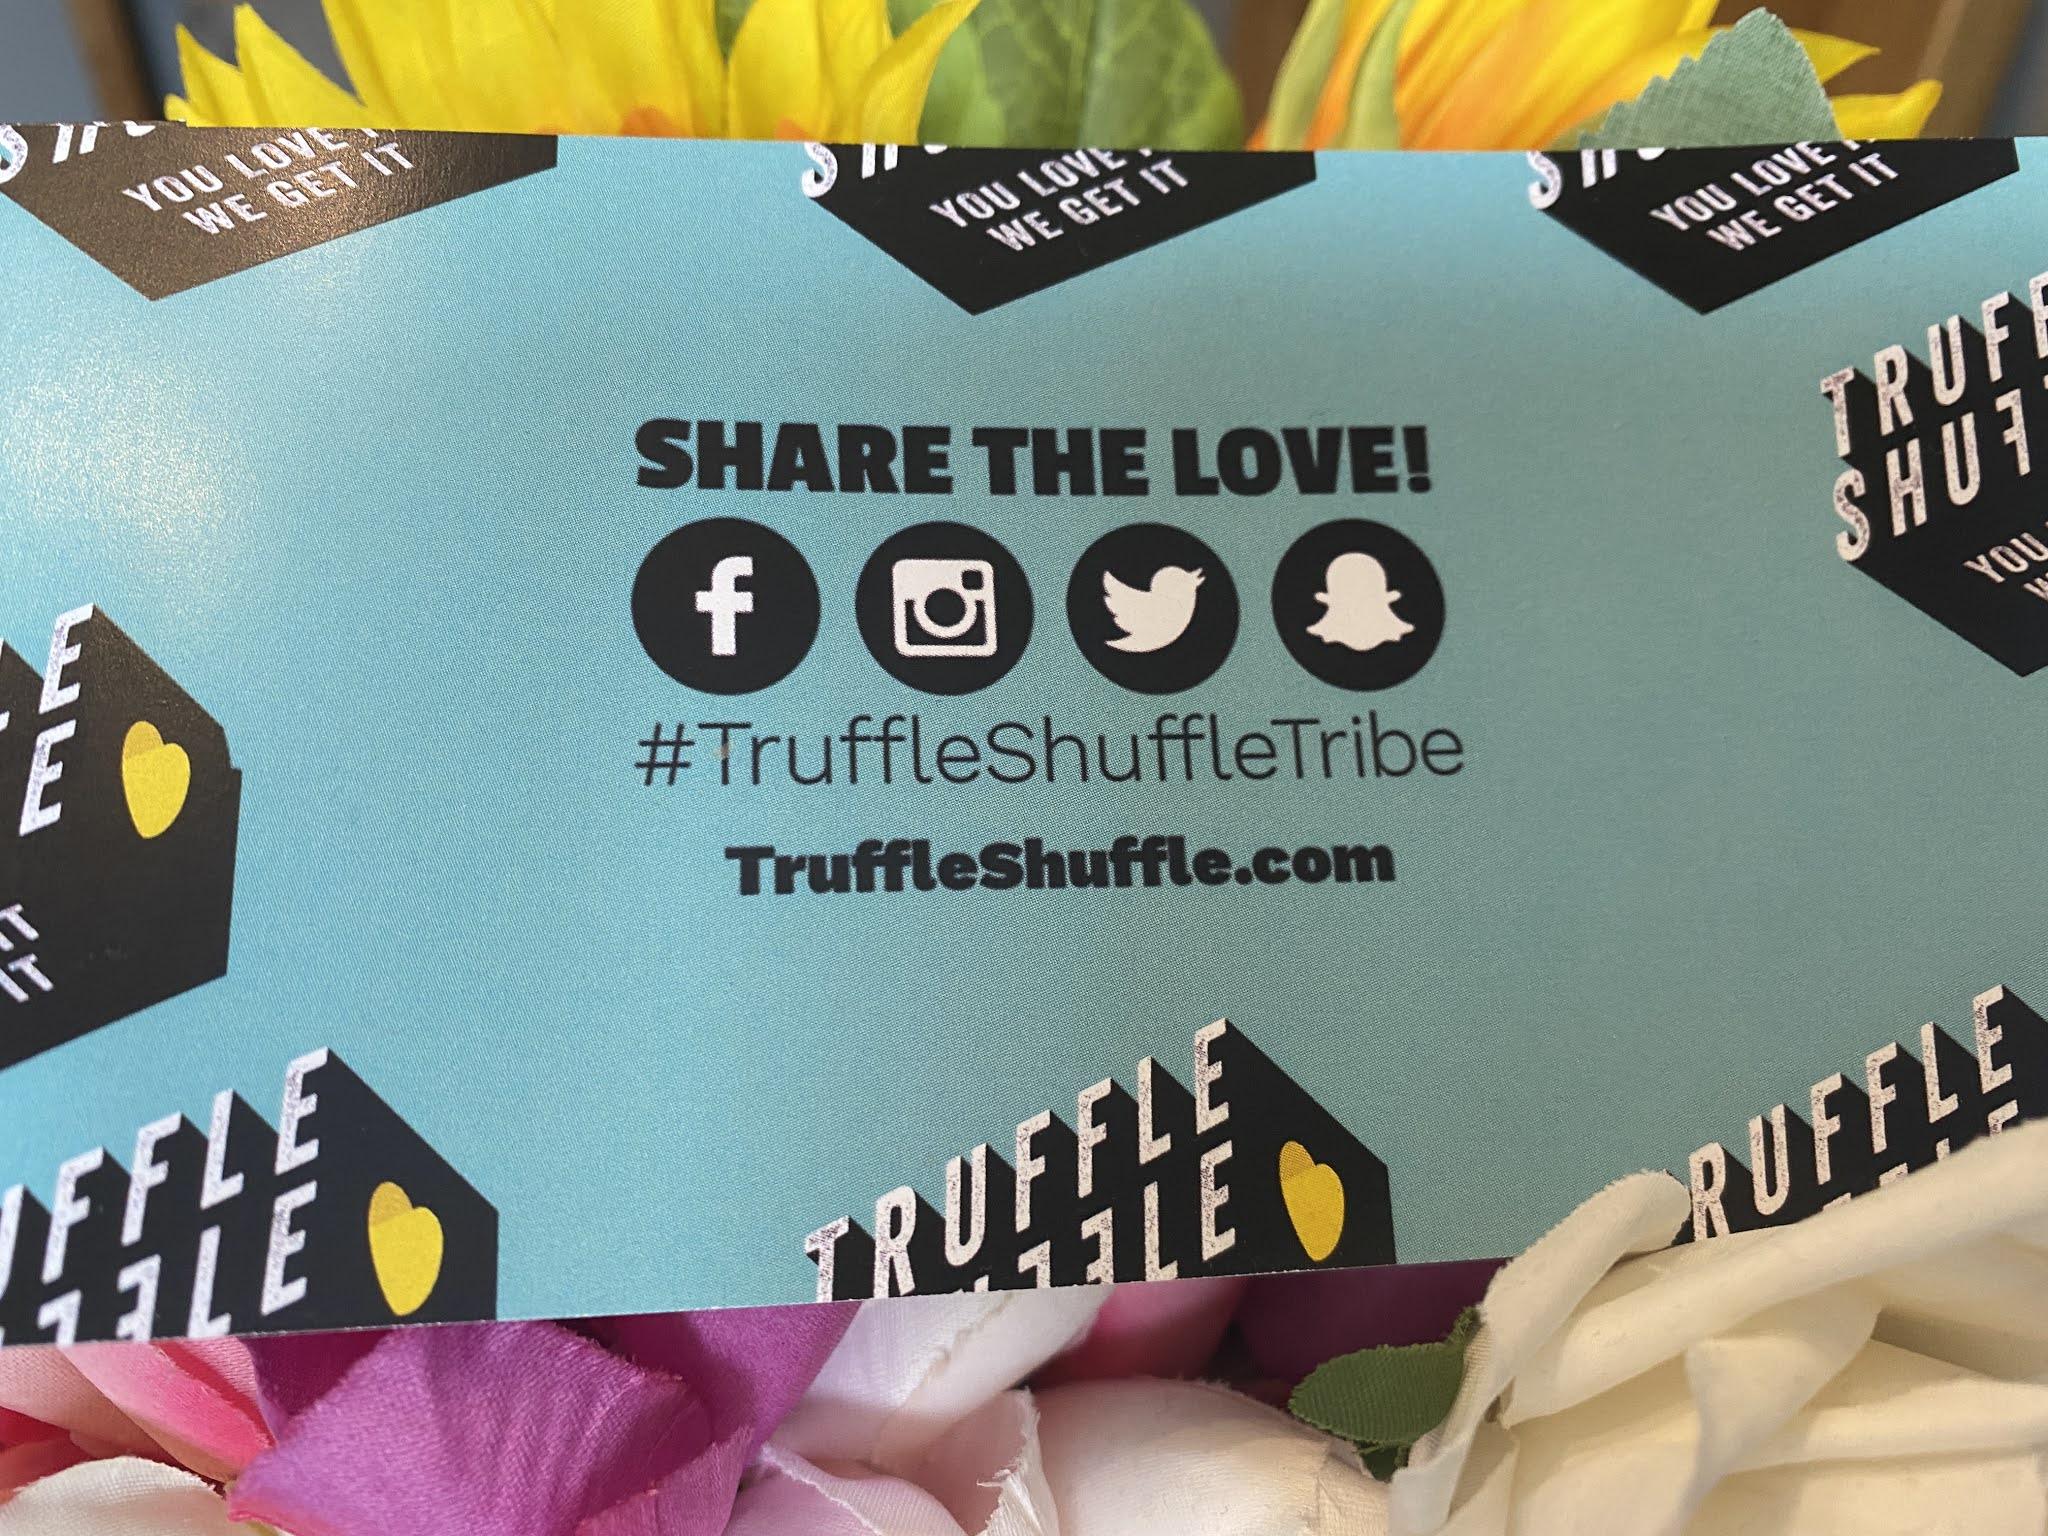 truffle shuffle exclusives